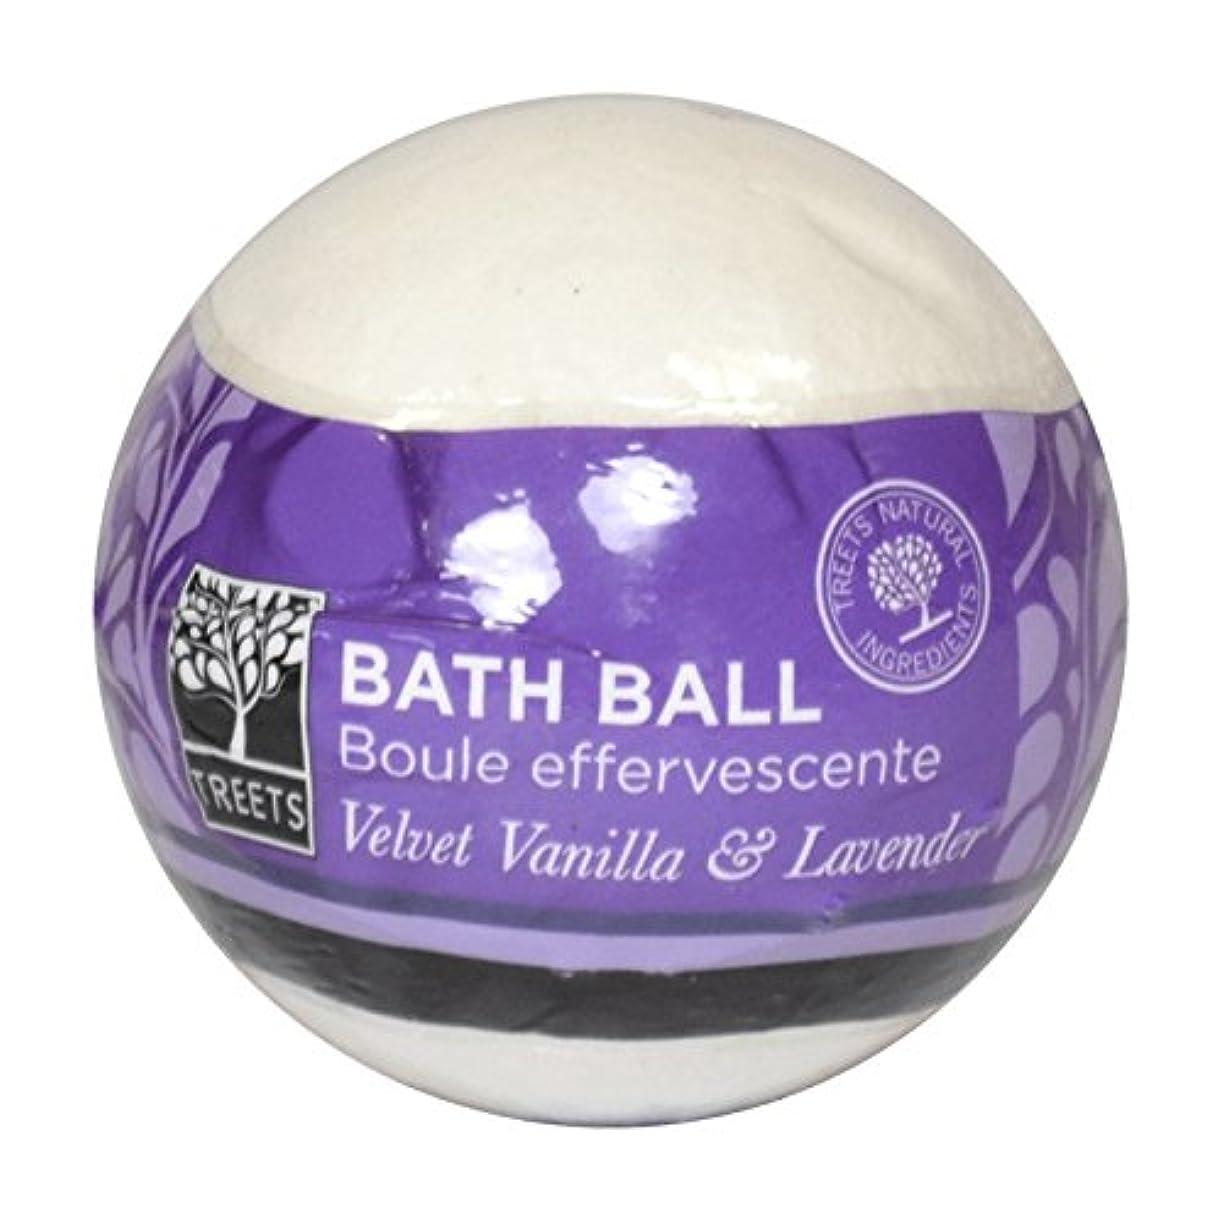 性差別流産便利さTreetsベルベットのバニラ&ラベンダーバスボール - Treets Velvet Vanilla & Lavender Bath Ball (Treets) [並行輸入品]